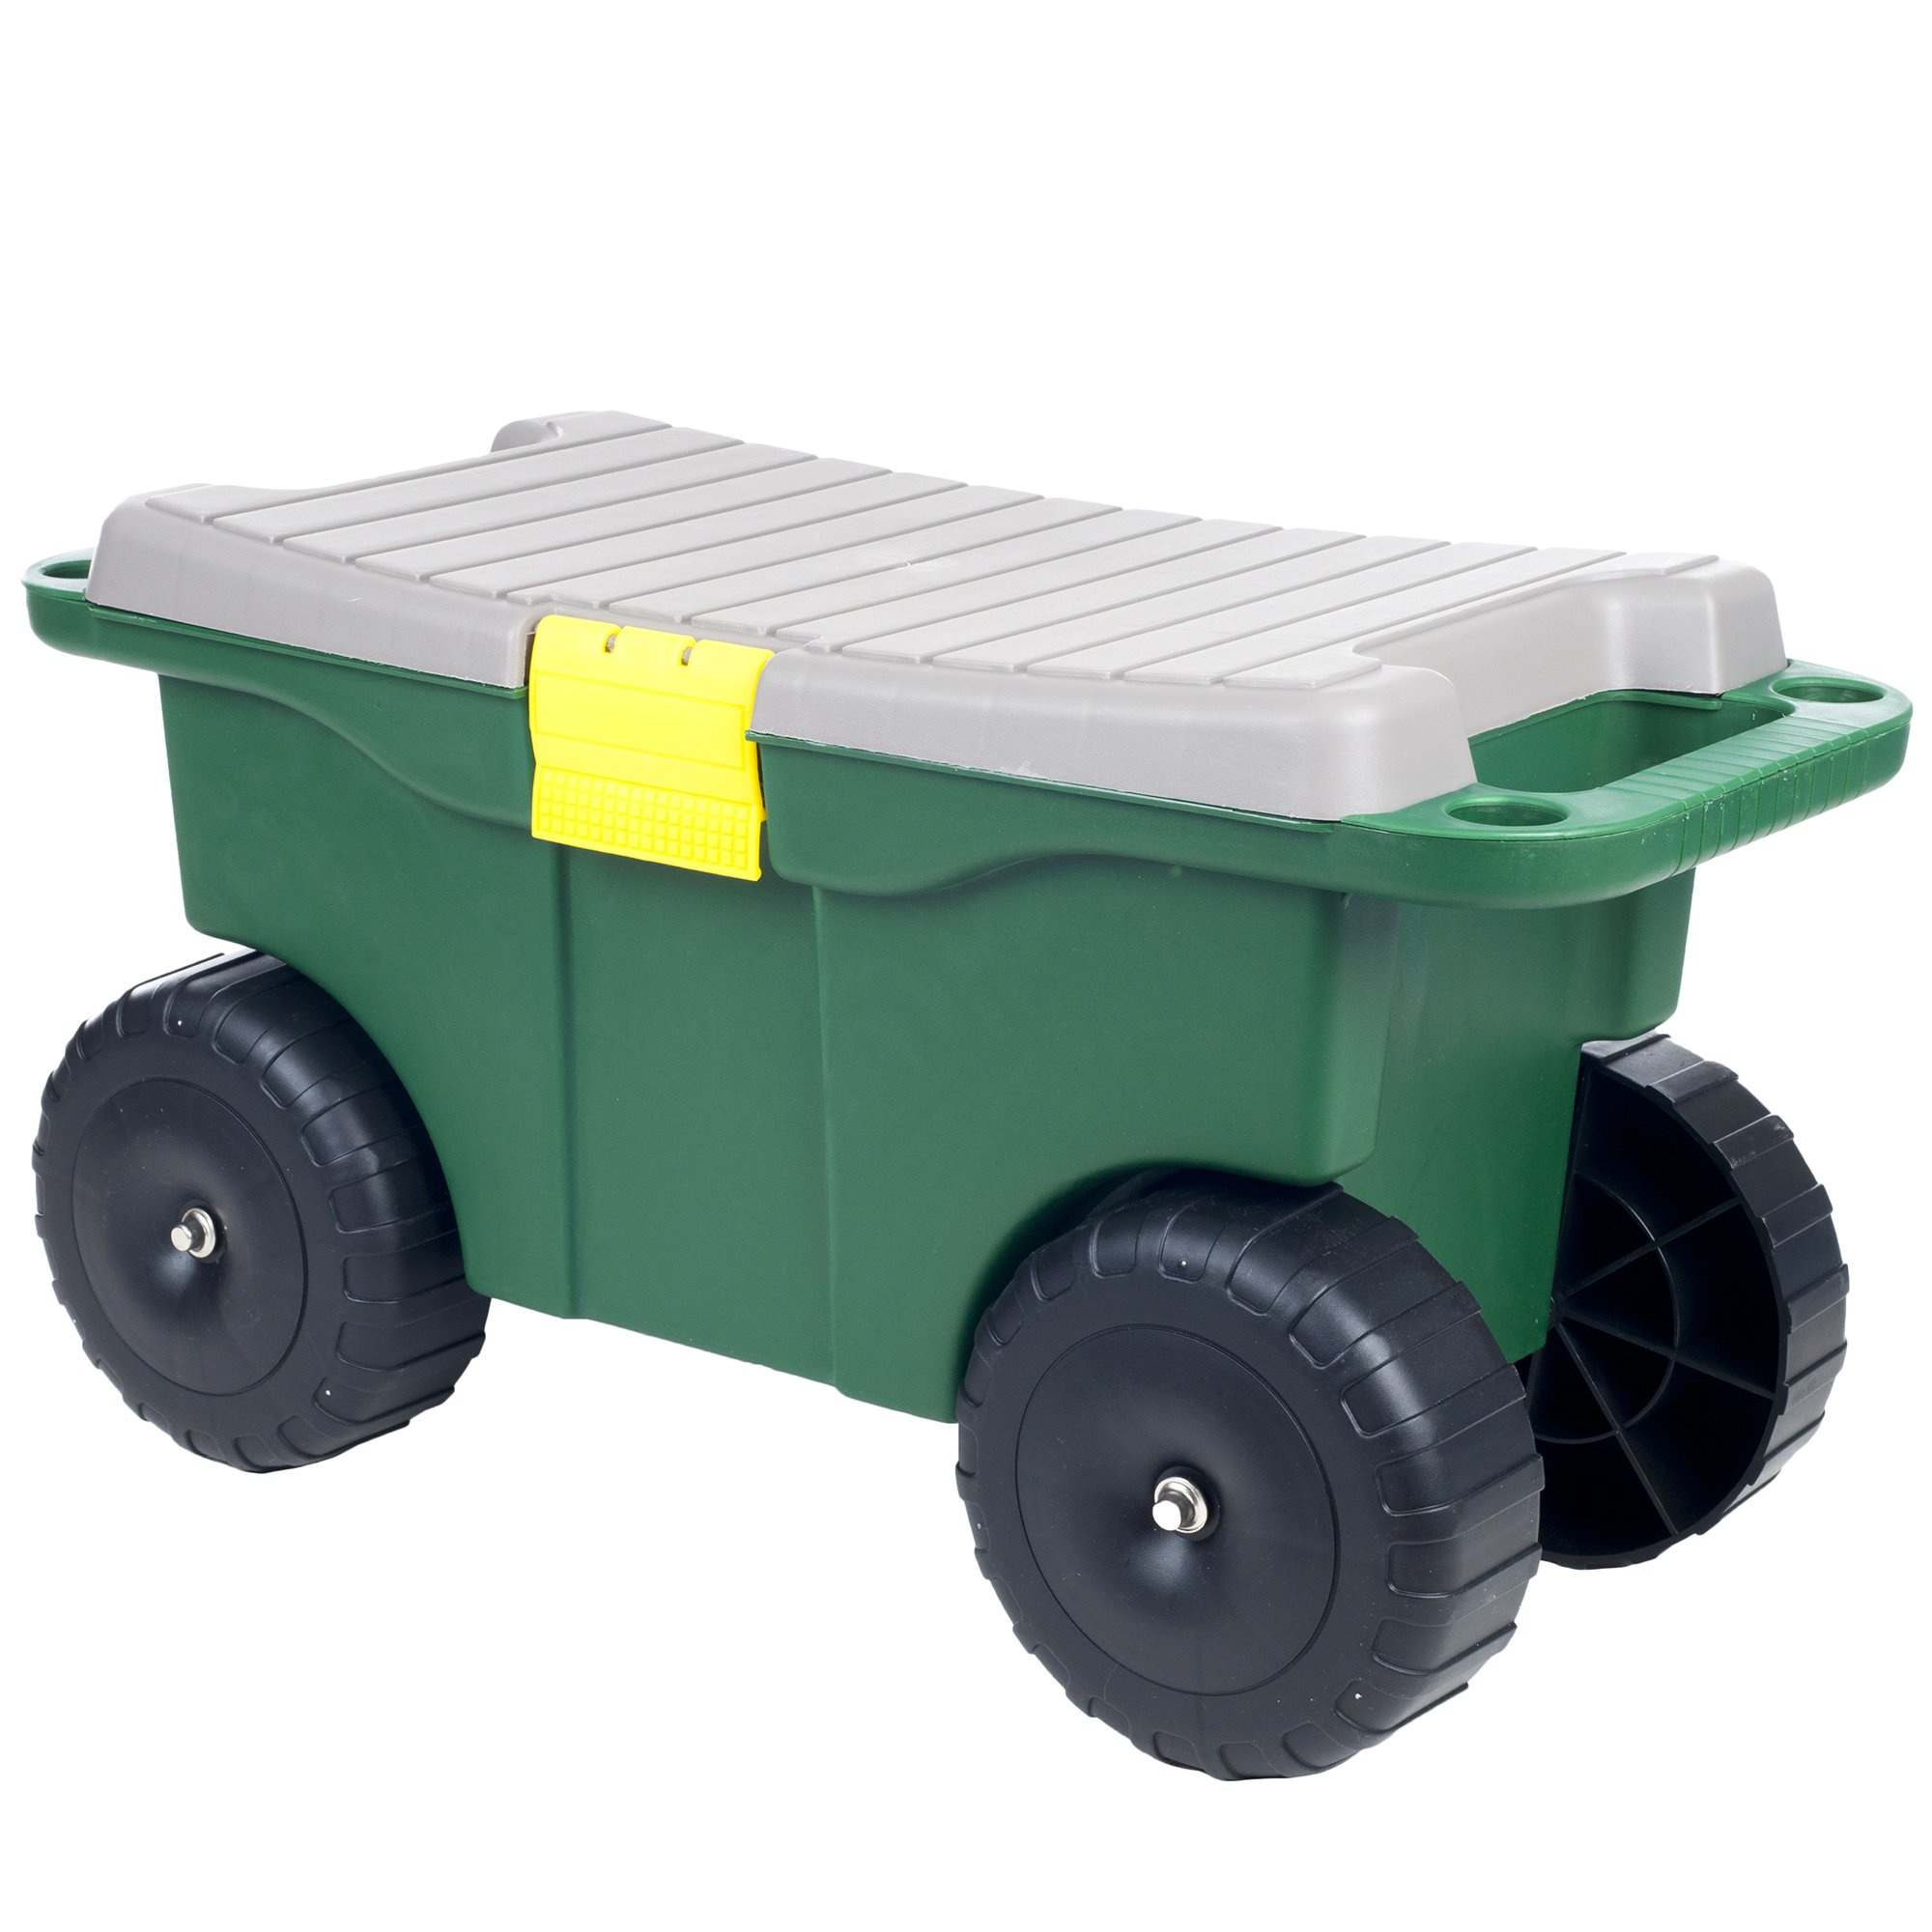 Pure Garden 75-MJ2011 20'' Plastic Garden Storage Cart & Scooter by Pure Garden